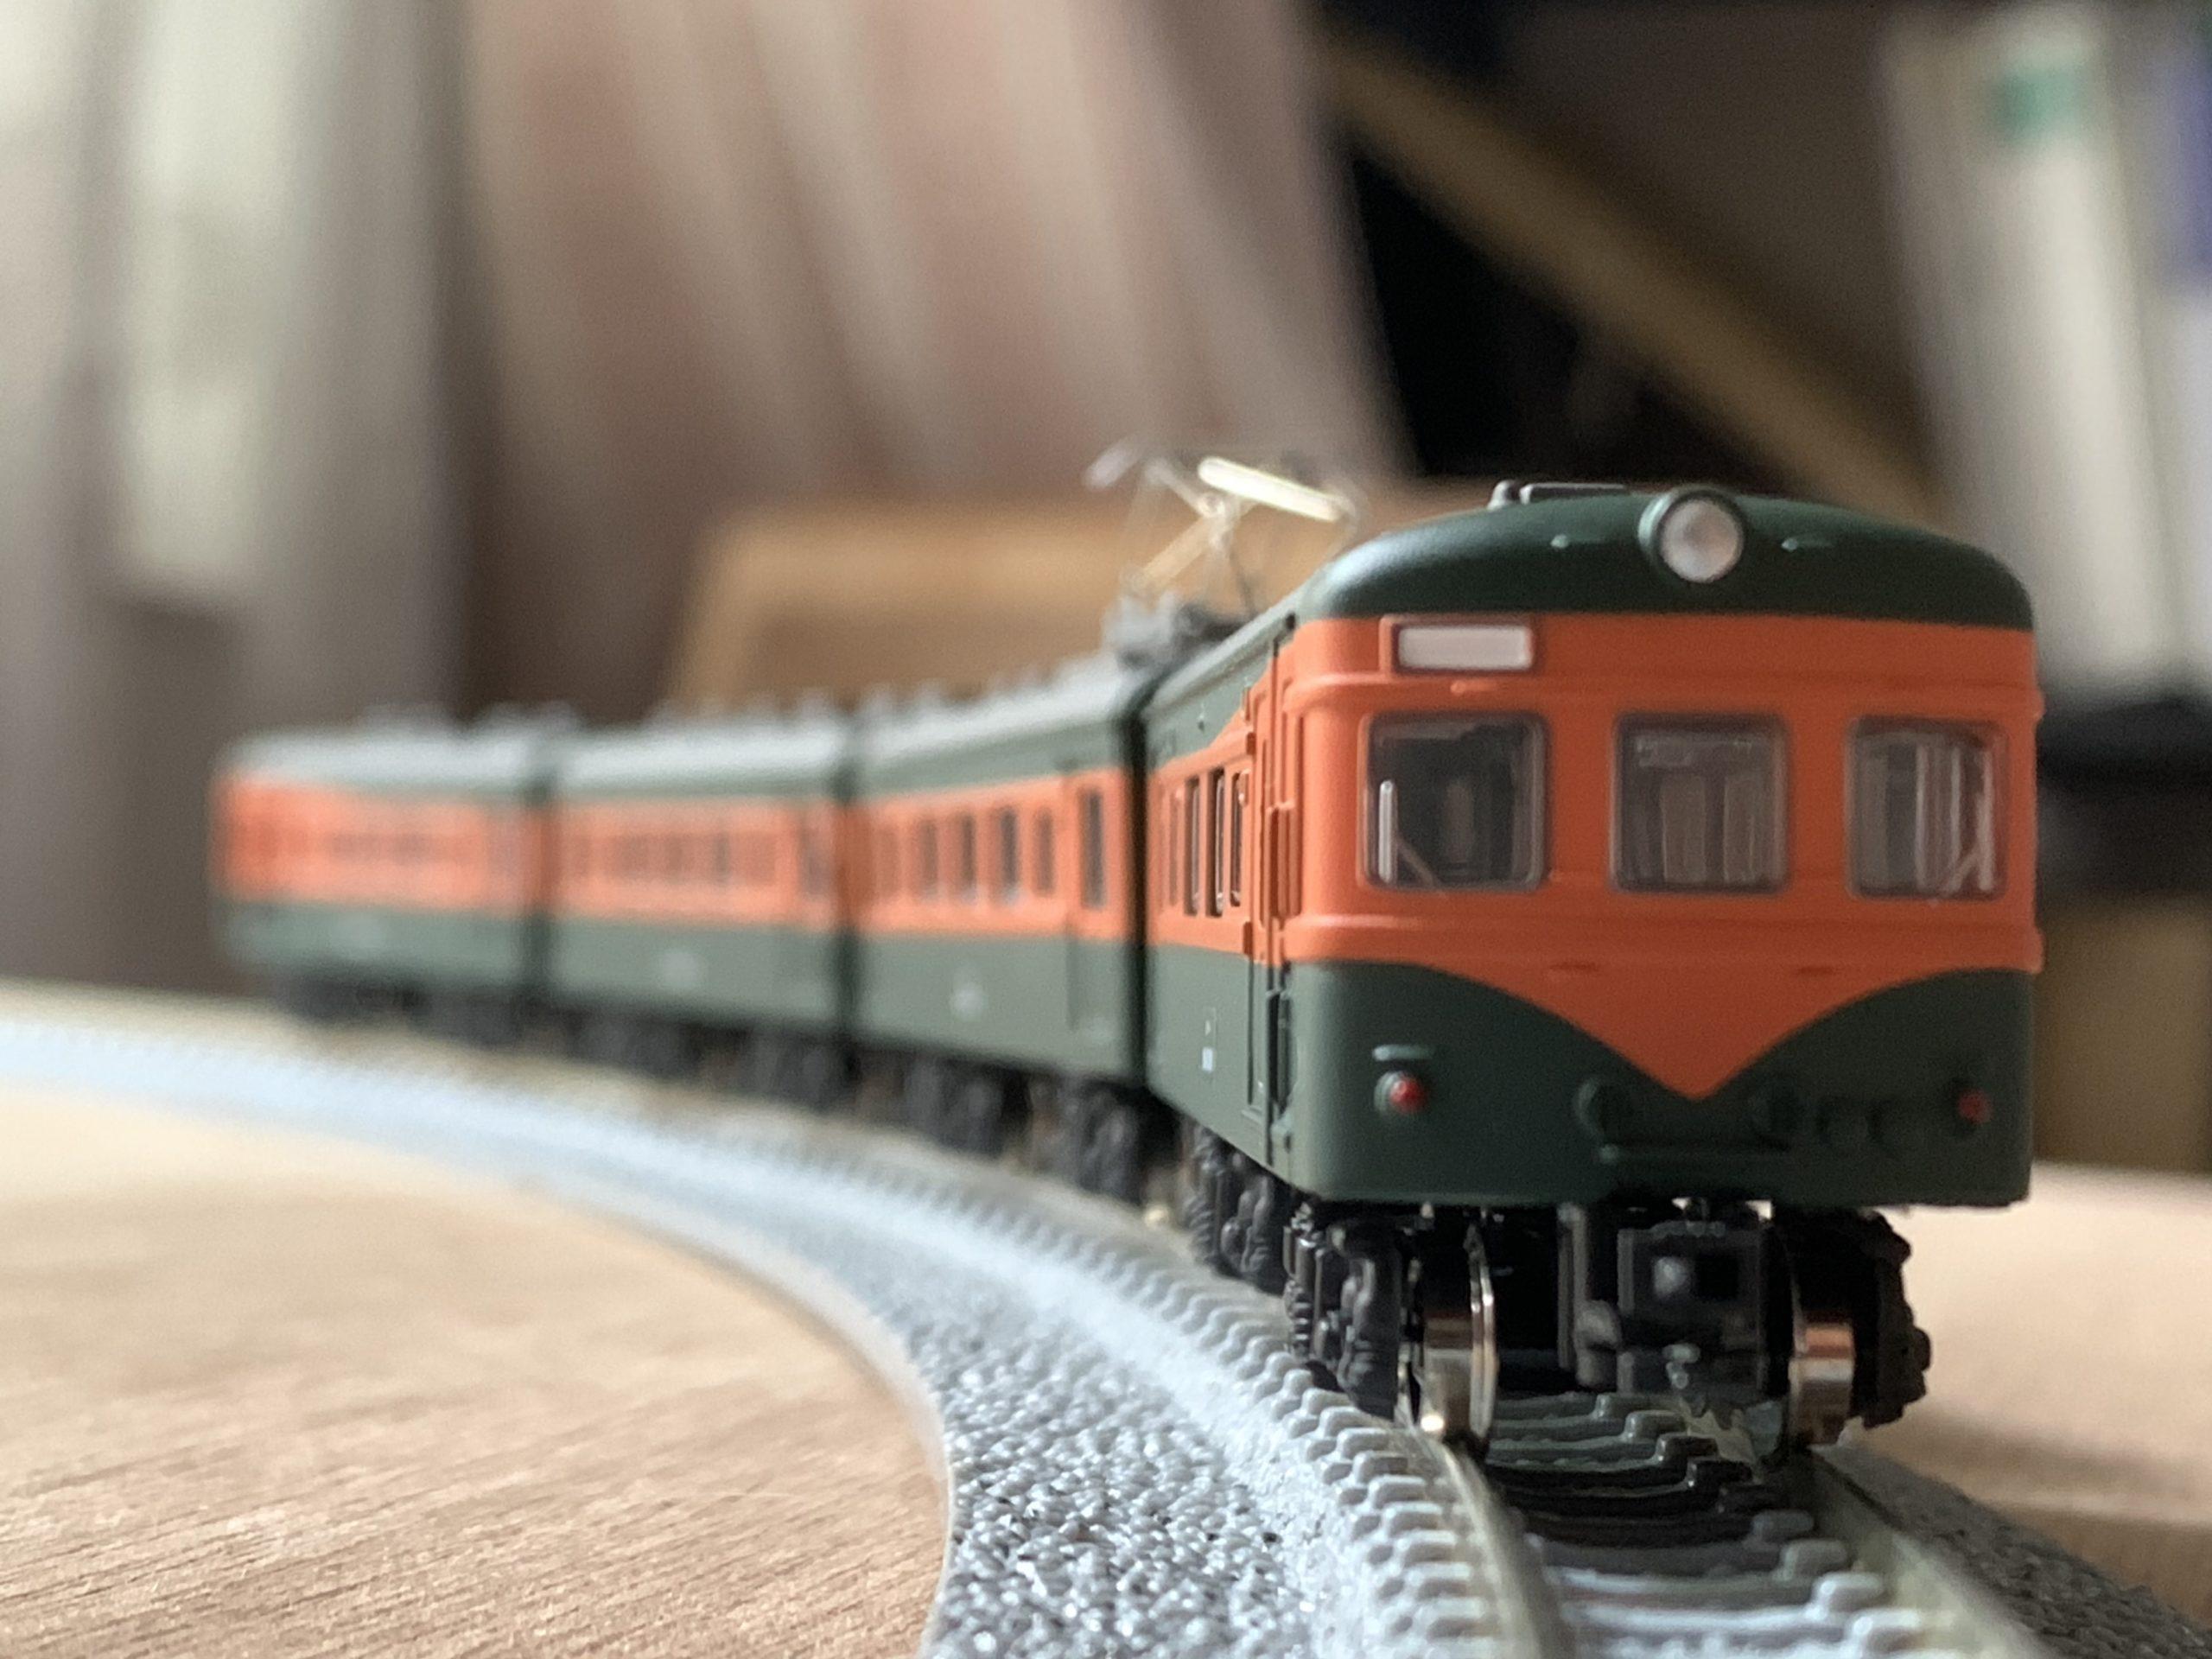 鉄道模型(Bトレ)のジオラマ土台をDIYで作る方法